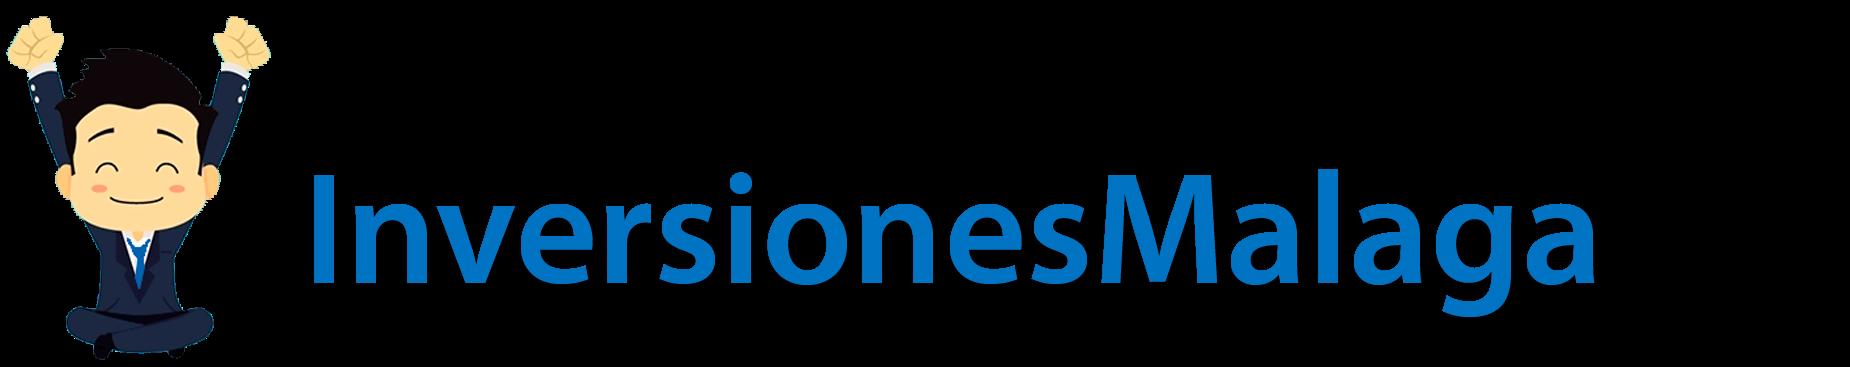 INVERSIONES MALAGA, te ayudamos a invertir en Málaga capital y Málaga provincia